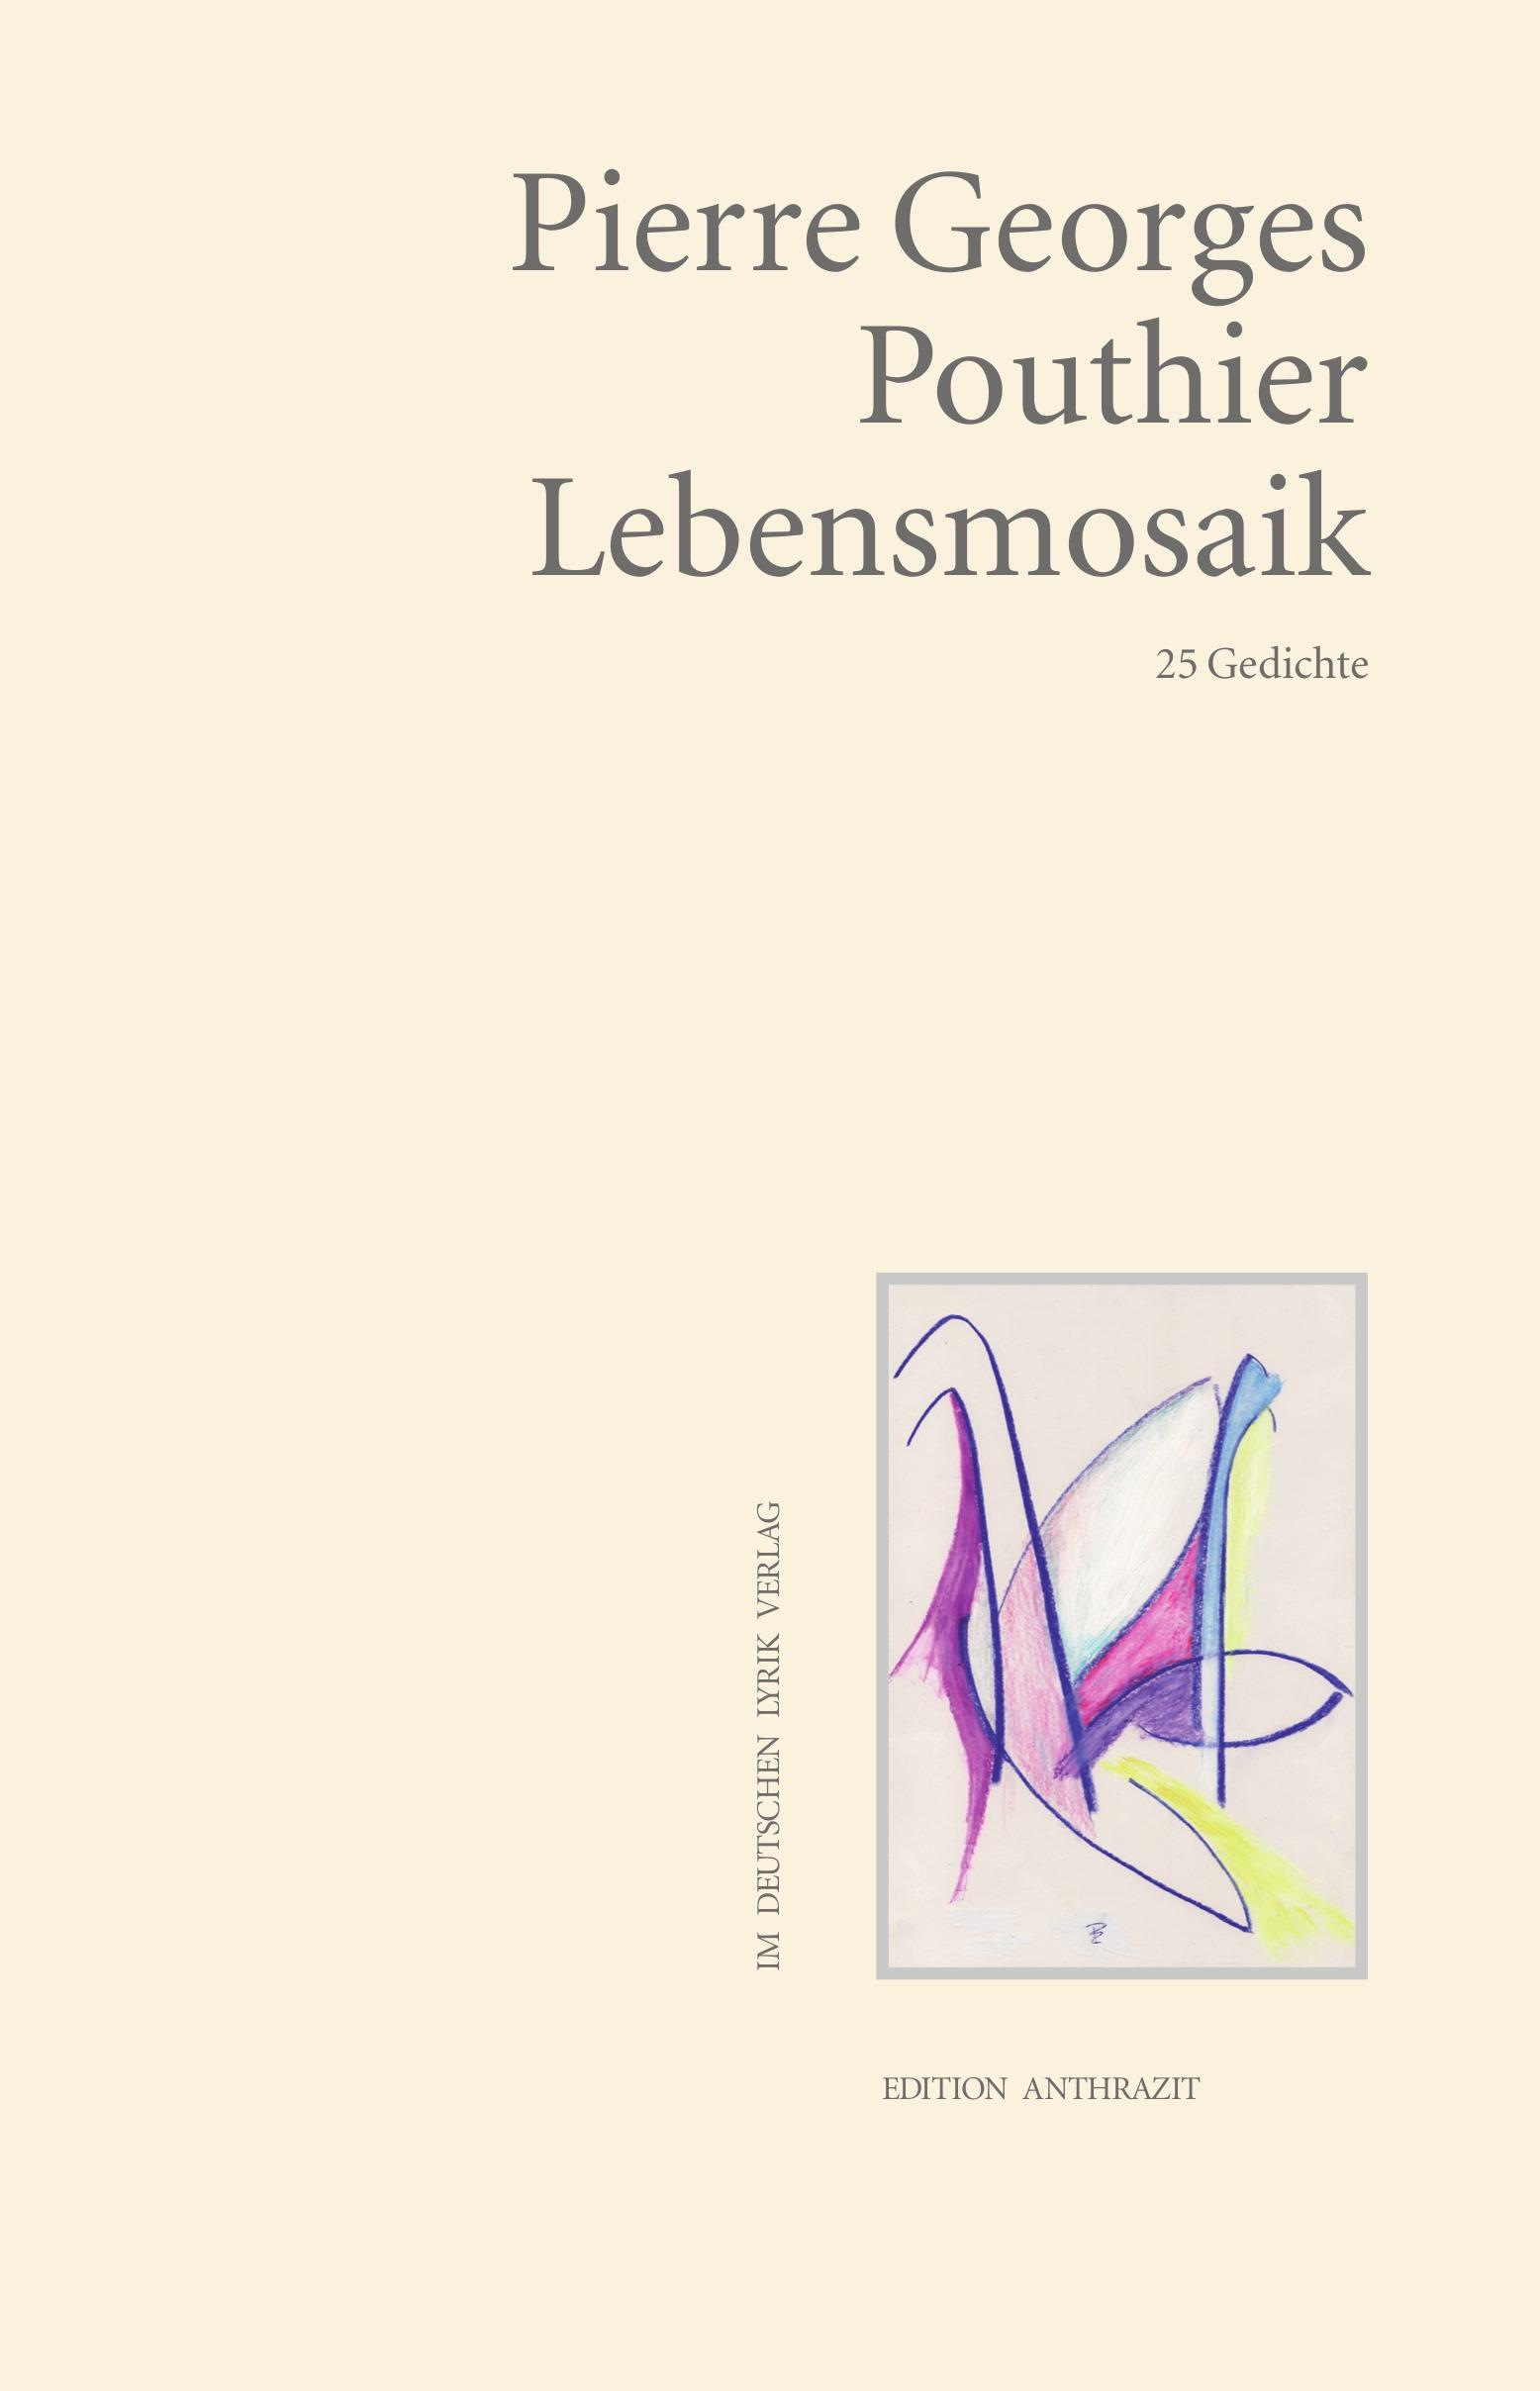 Karin Fischer Verlag Lebensmosaik Karin Fischer Verlag